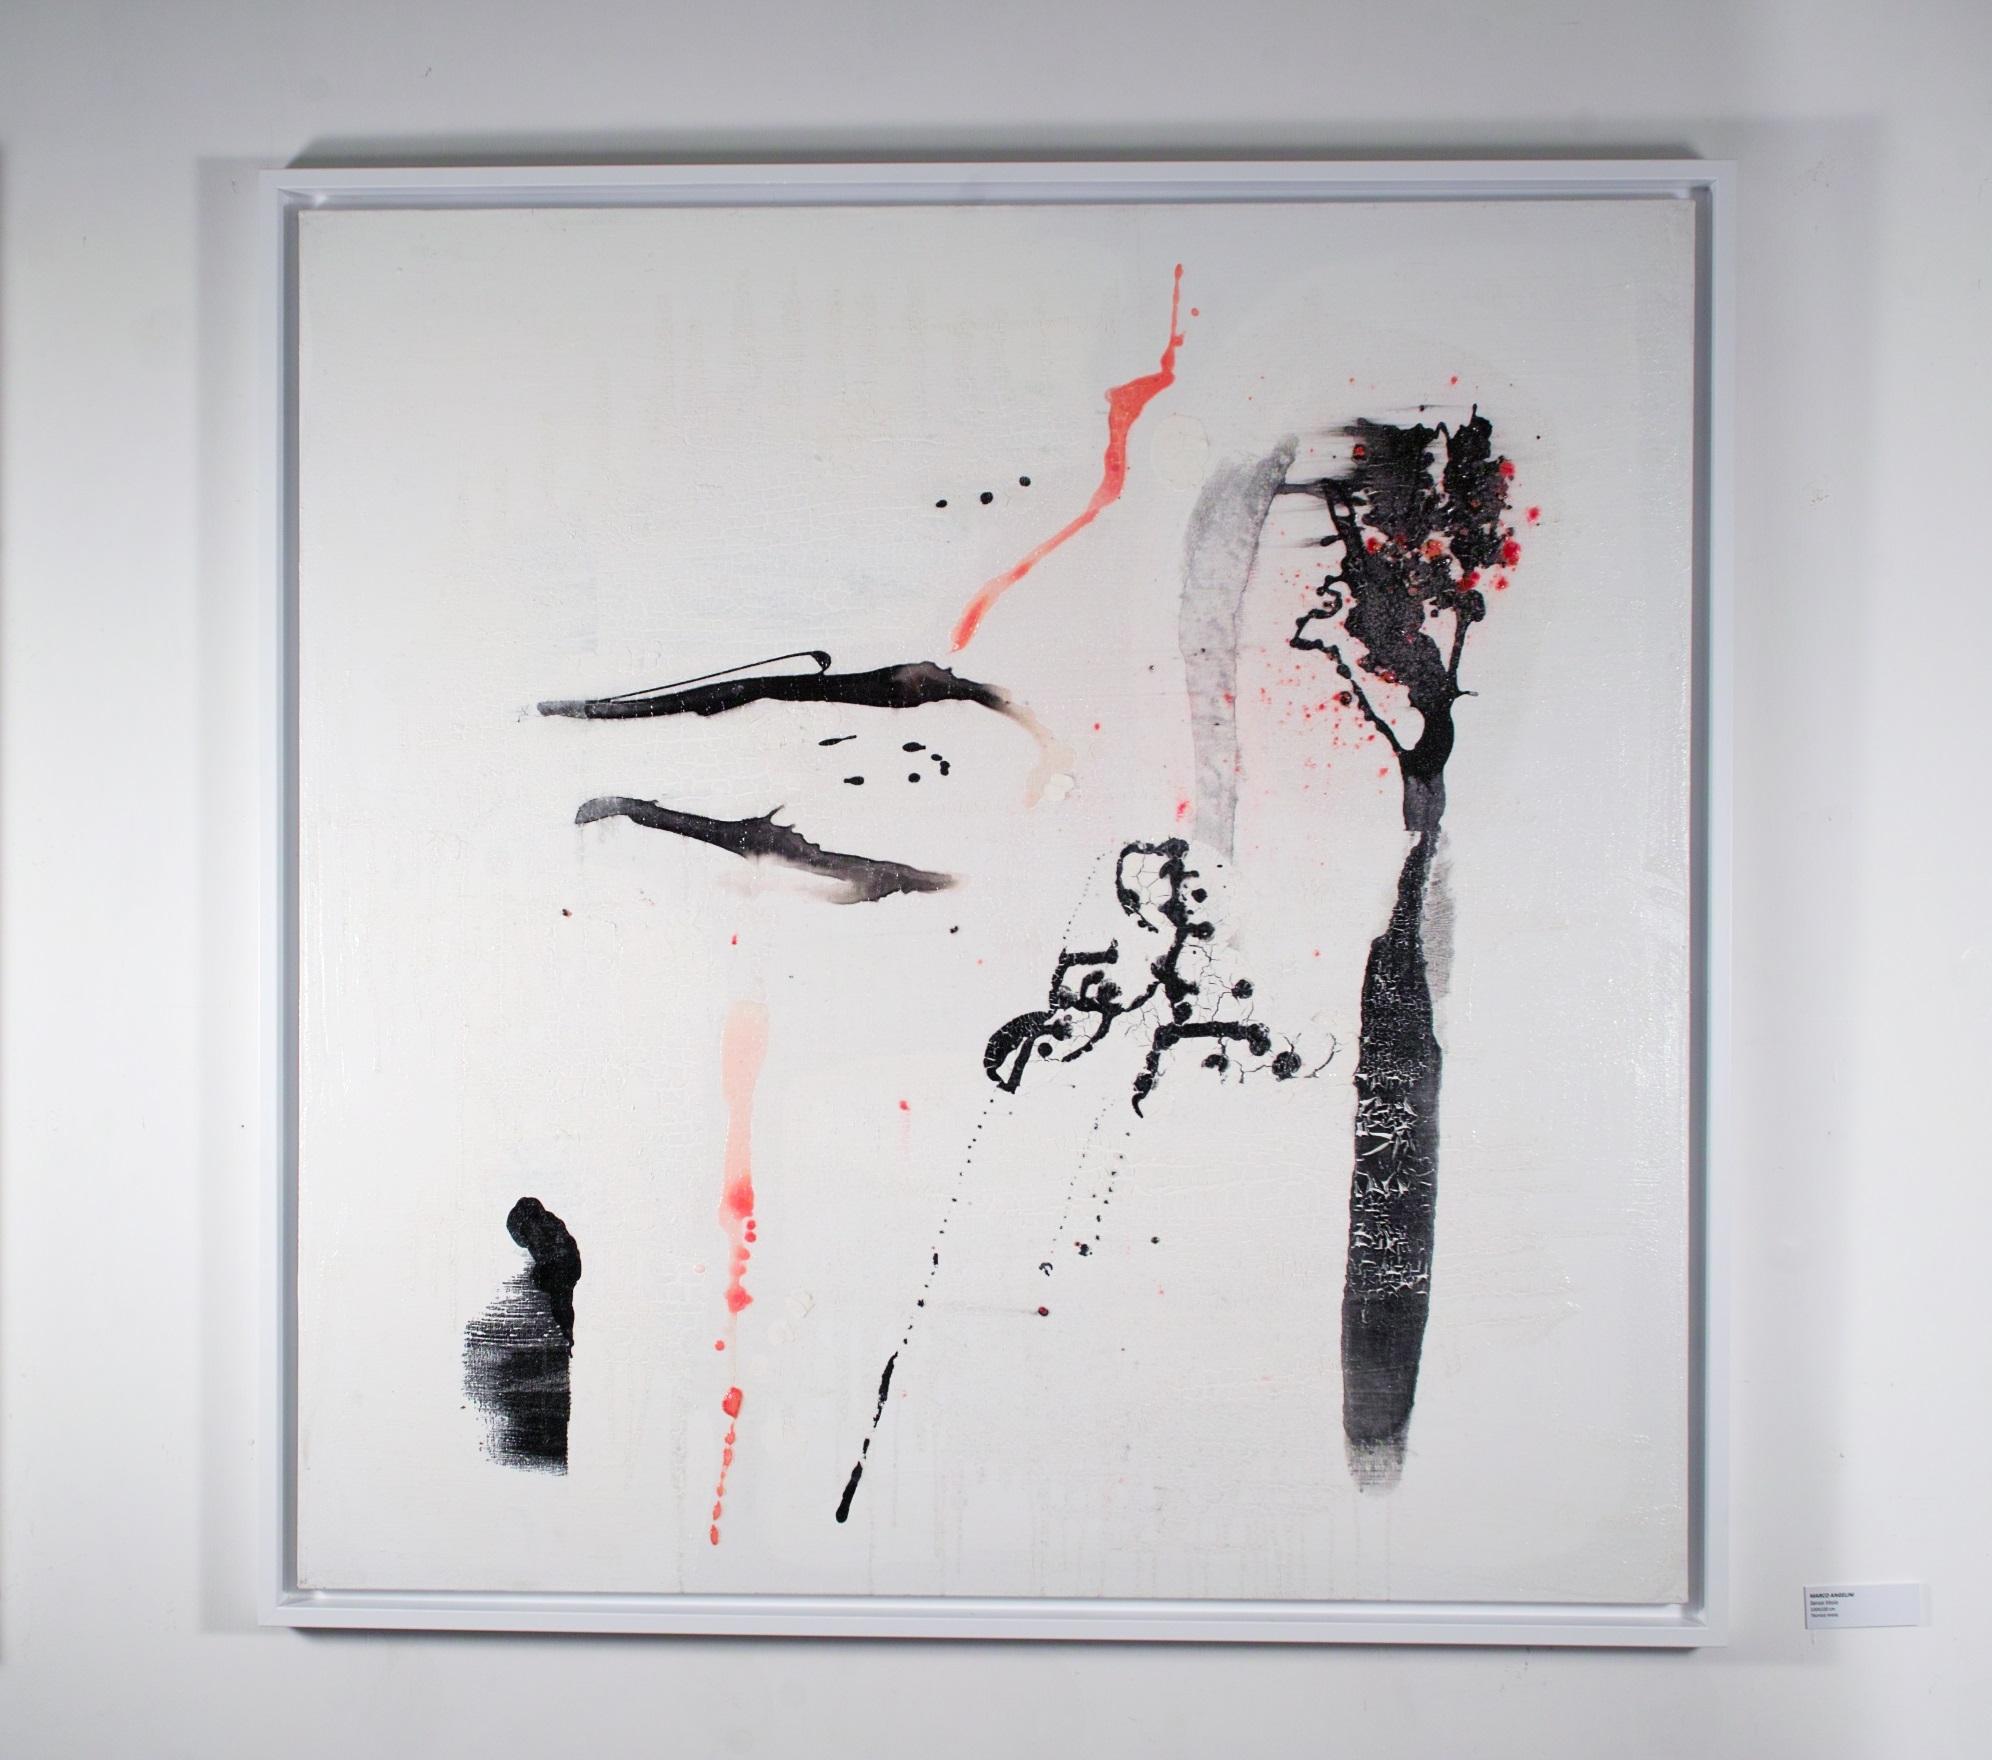 4 senza titolo - cm 100x100 - tecnica mista su tela